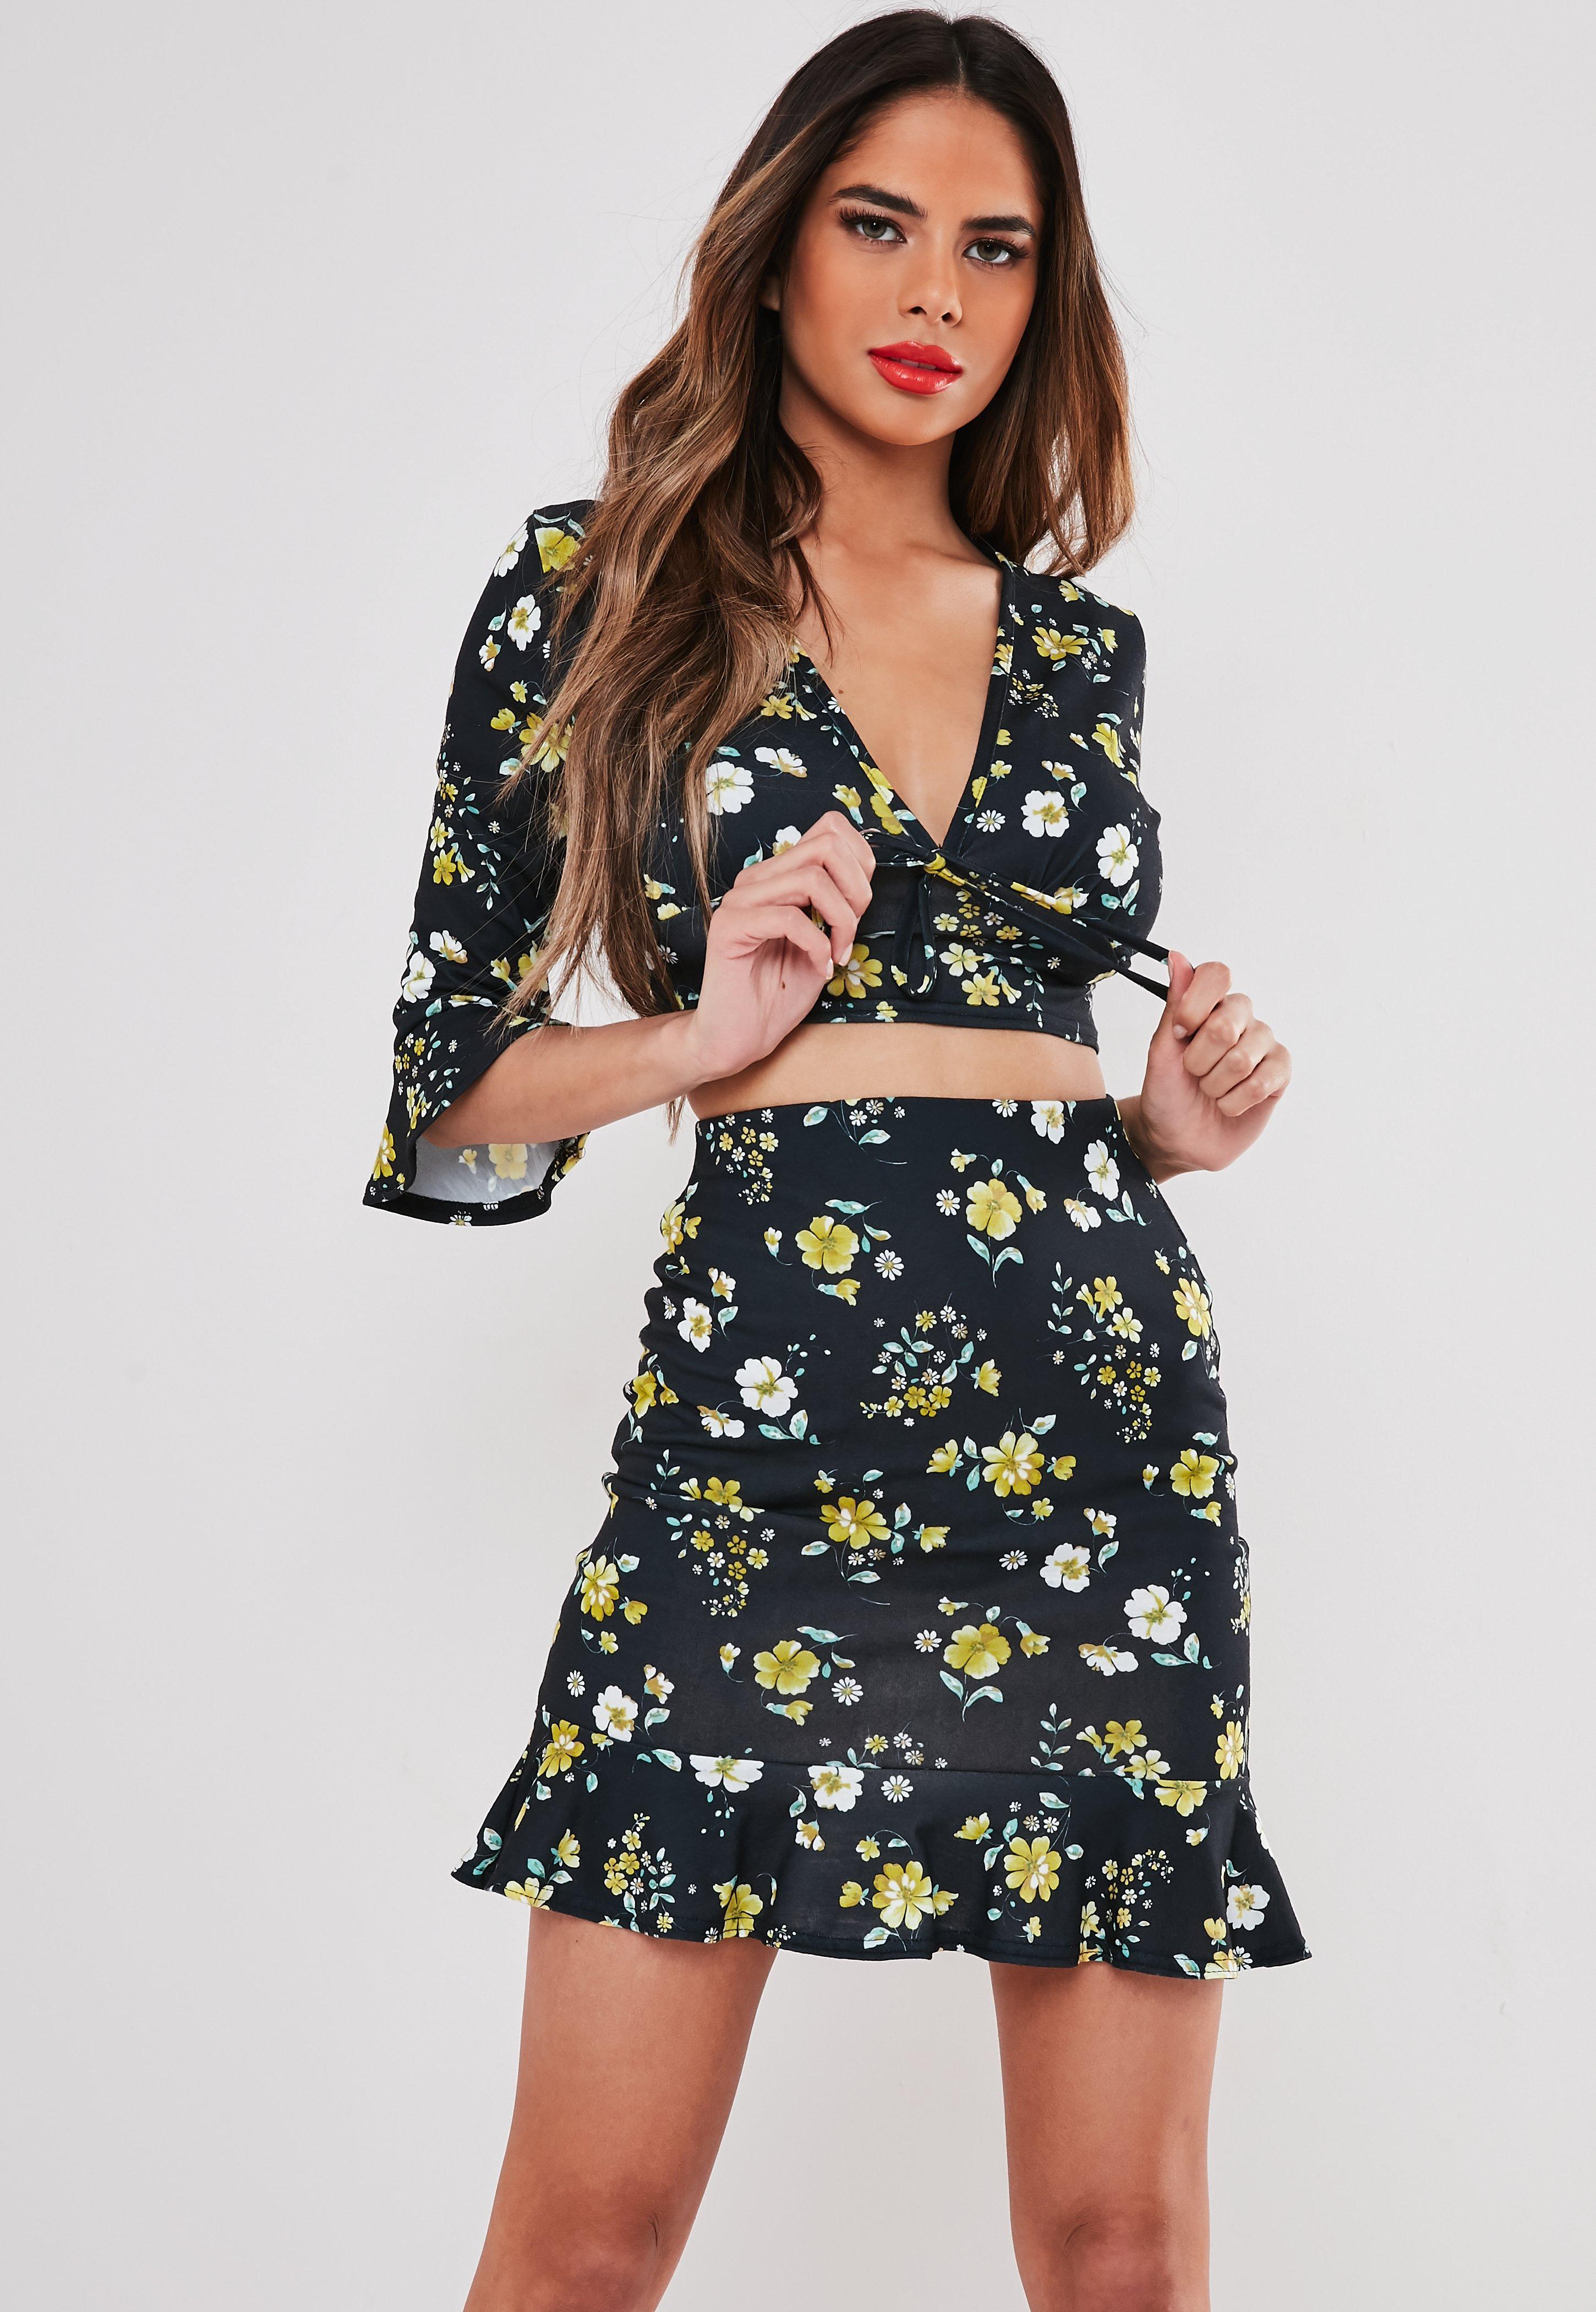 2d4034988 Sequin Top Chiffon Maxi Dress